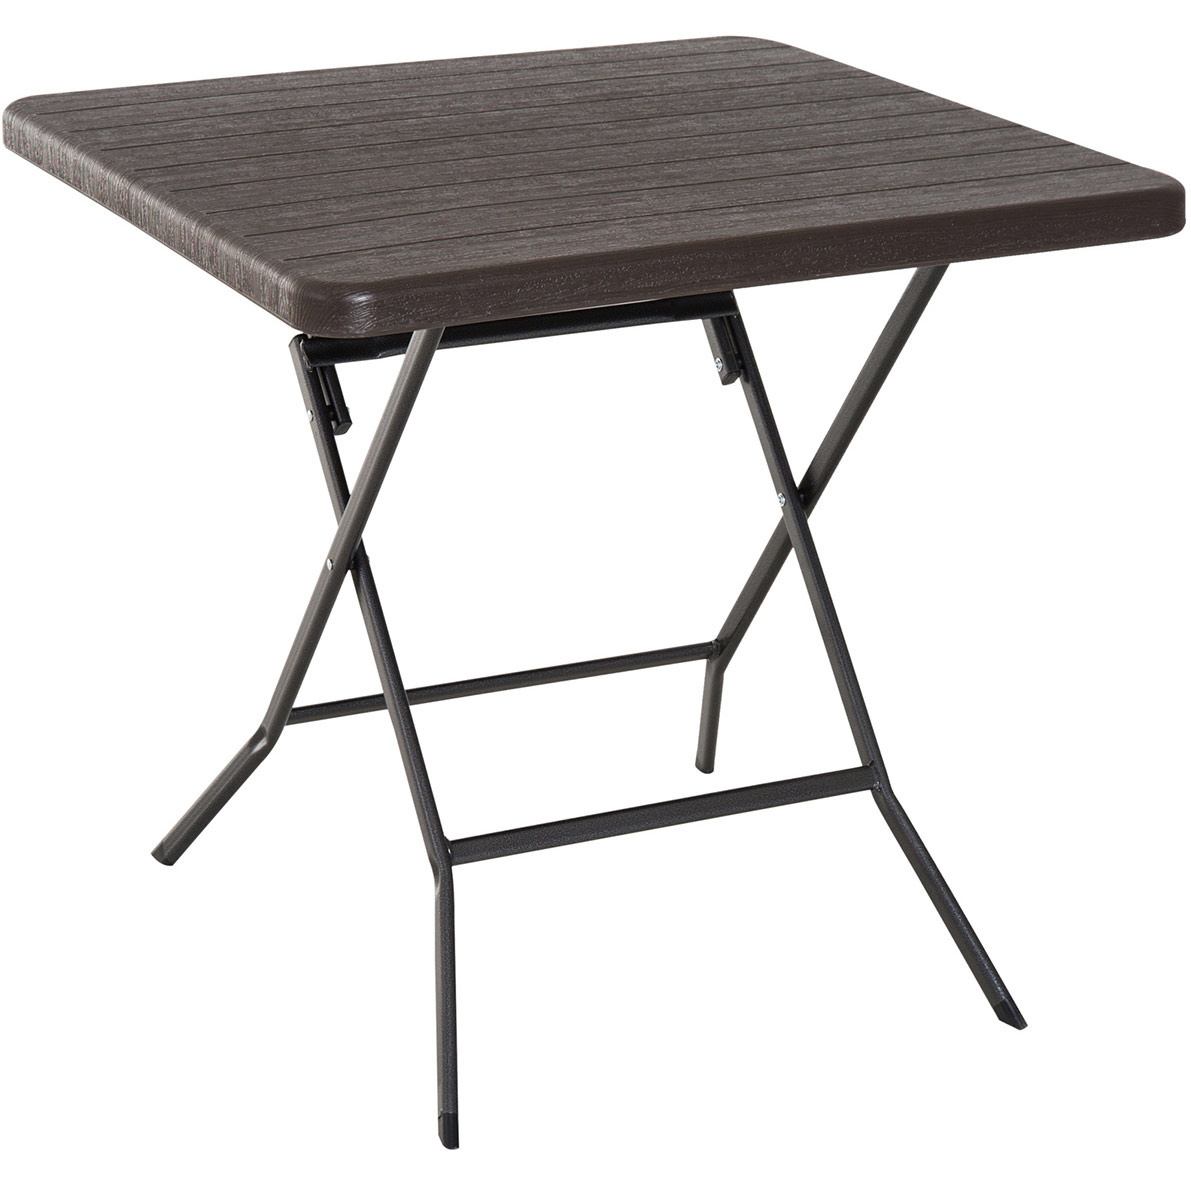 Voeg onze praktische klaptafel toe aan het balkon of terras. breng ontspannende uren door met een uitgebreid ...